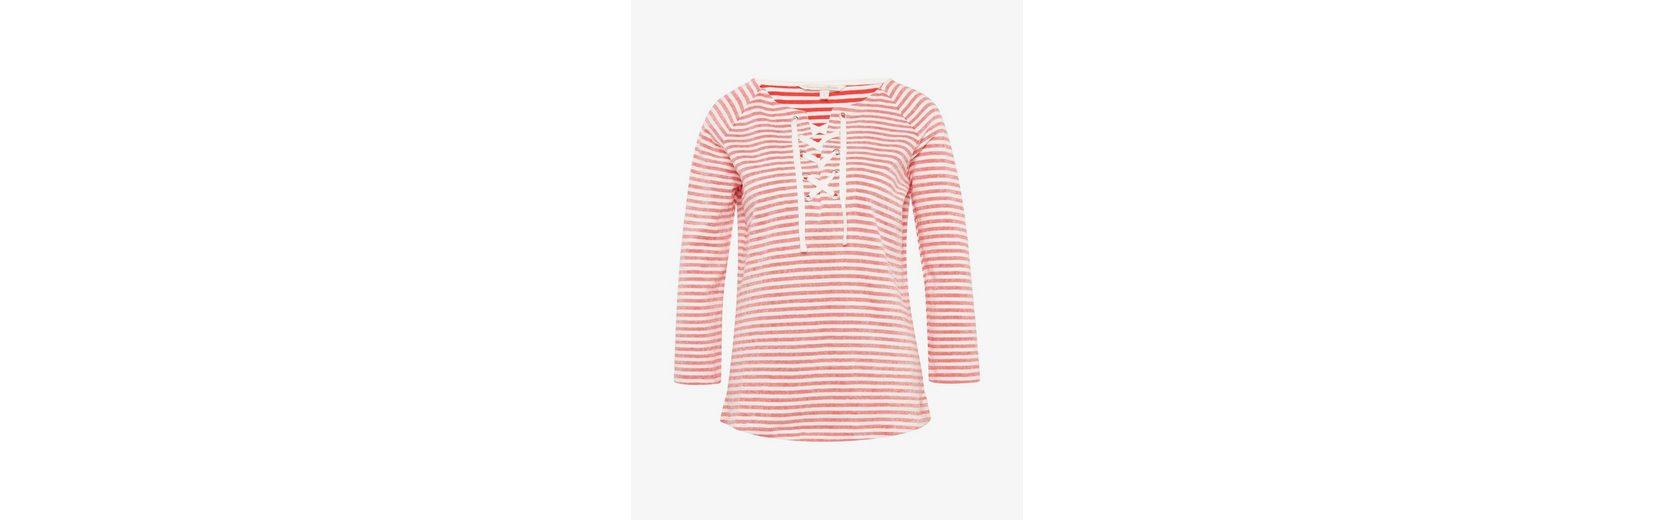 Tom Tailor Denim Sweatshirt gestreiftes Shirt mit Schnürung Steckdose Mit Master sDe3ztKC